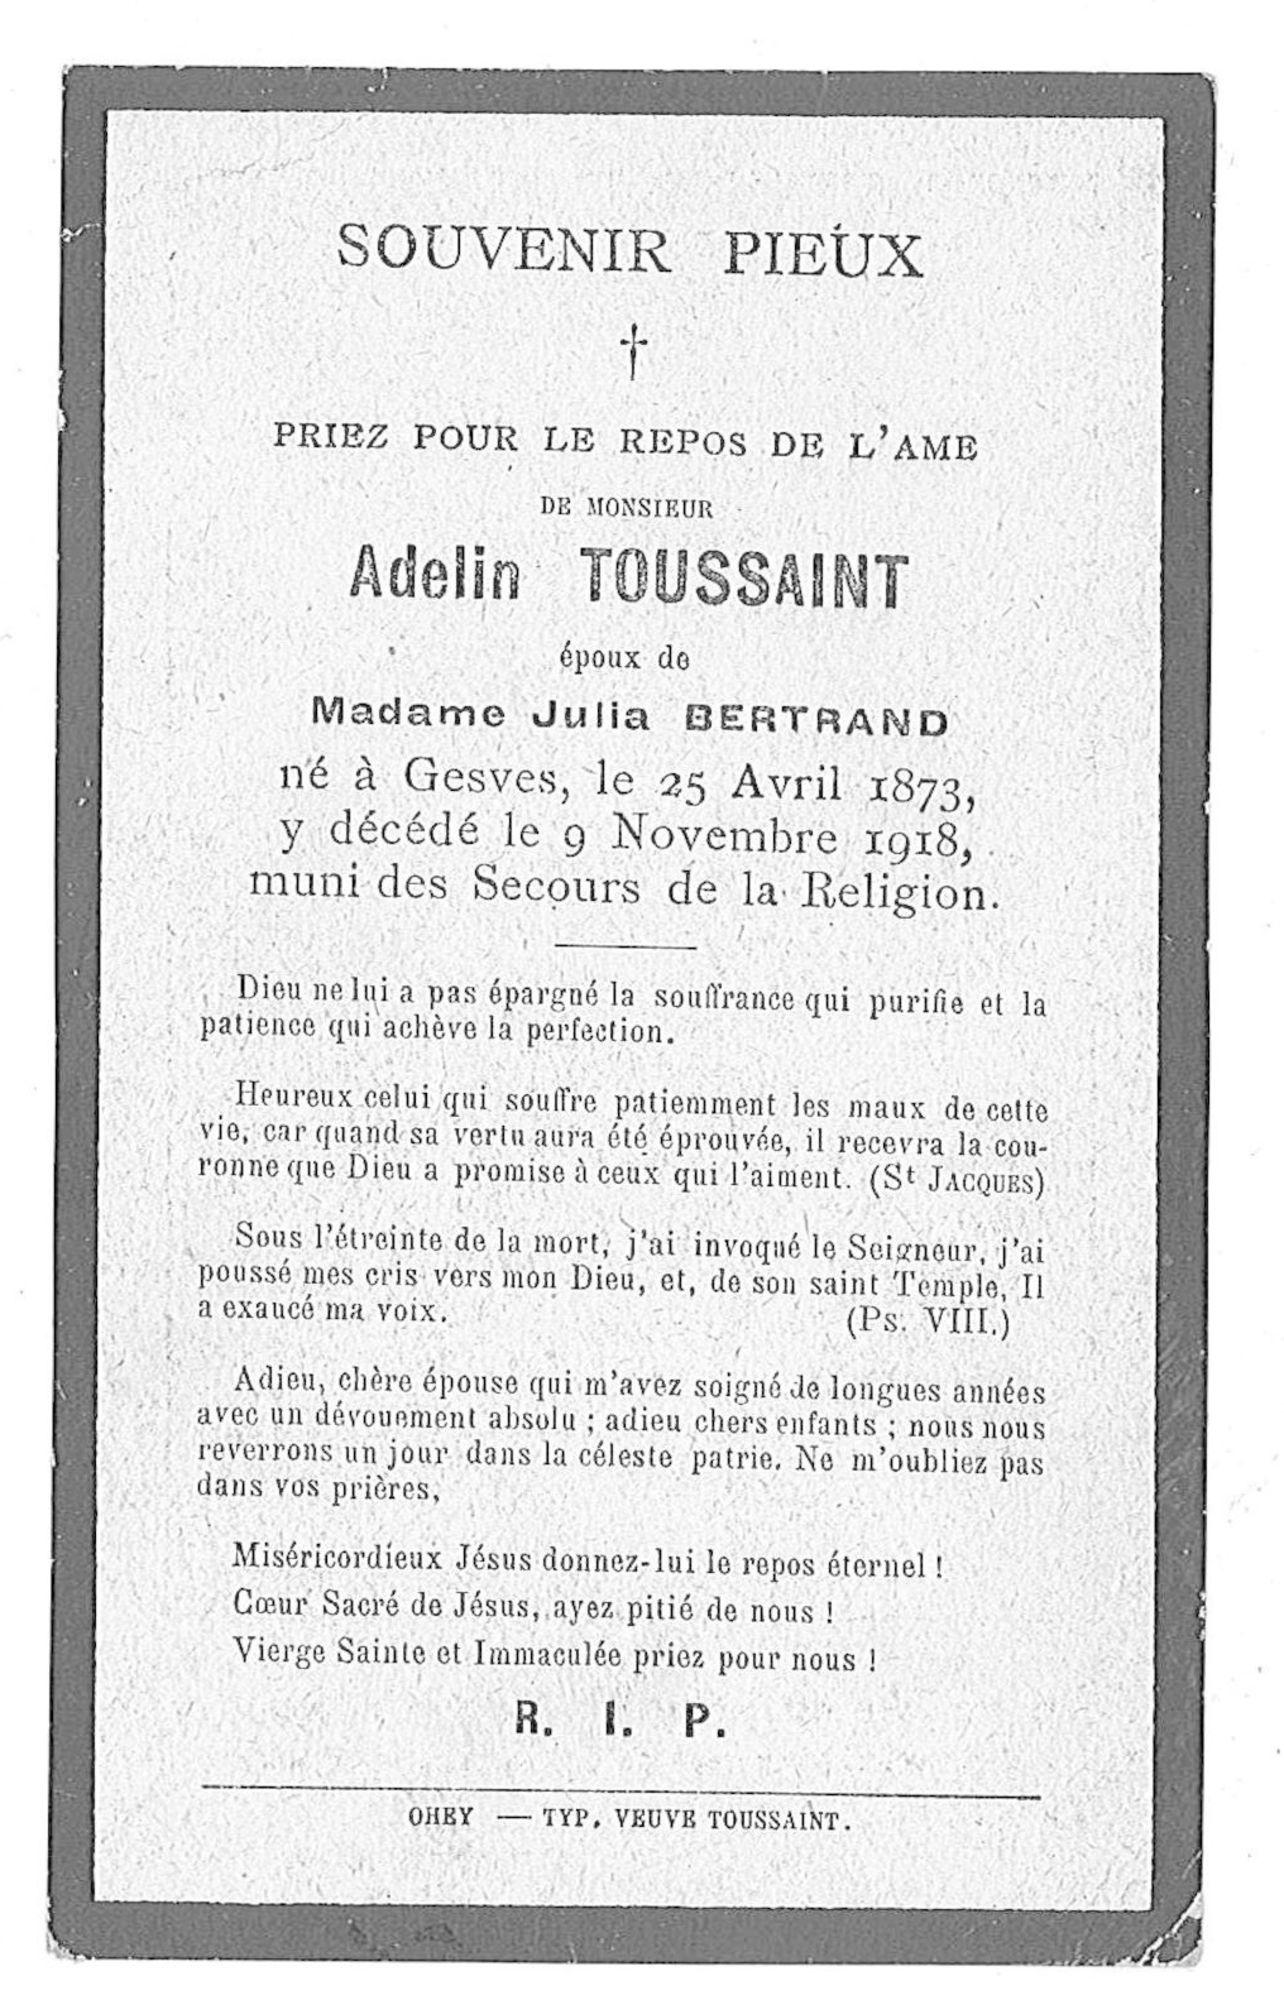 Adelin Toussaint